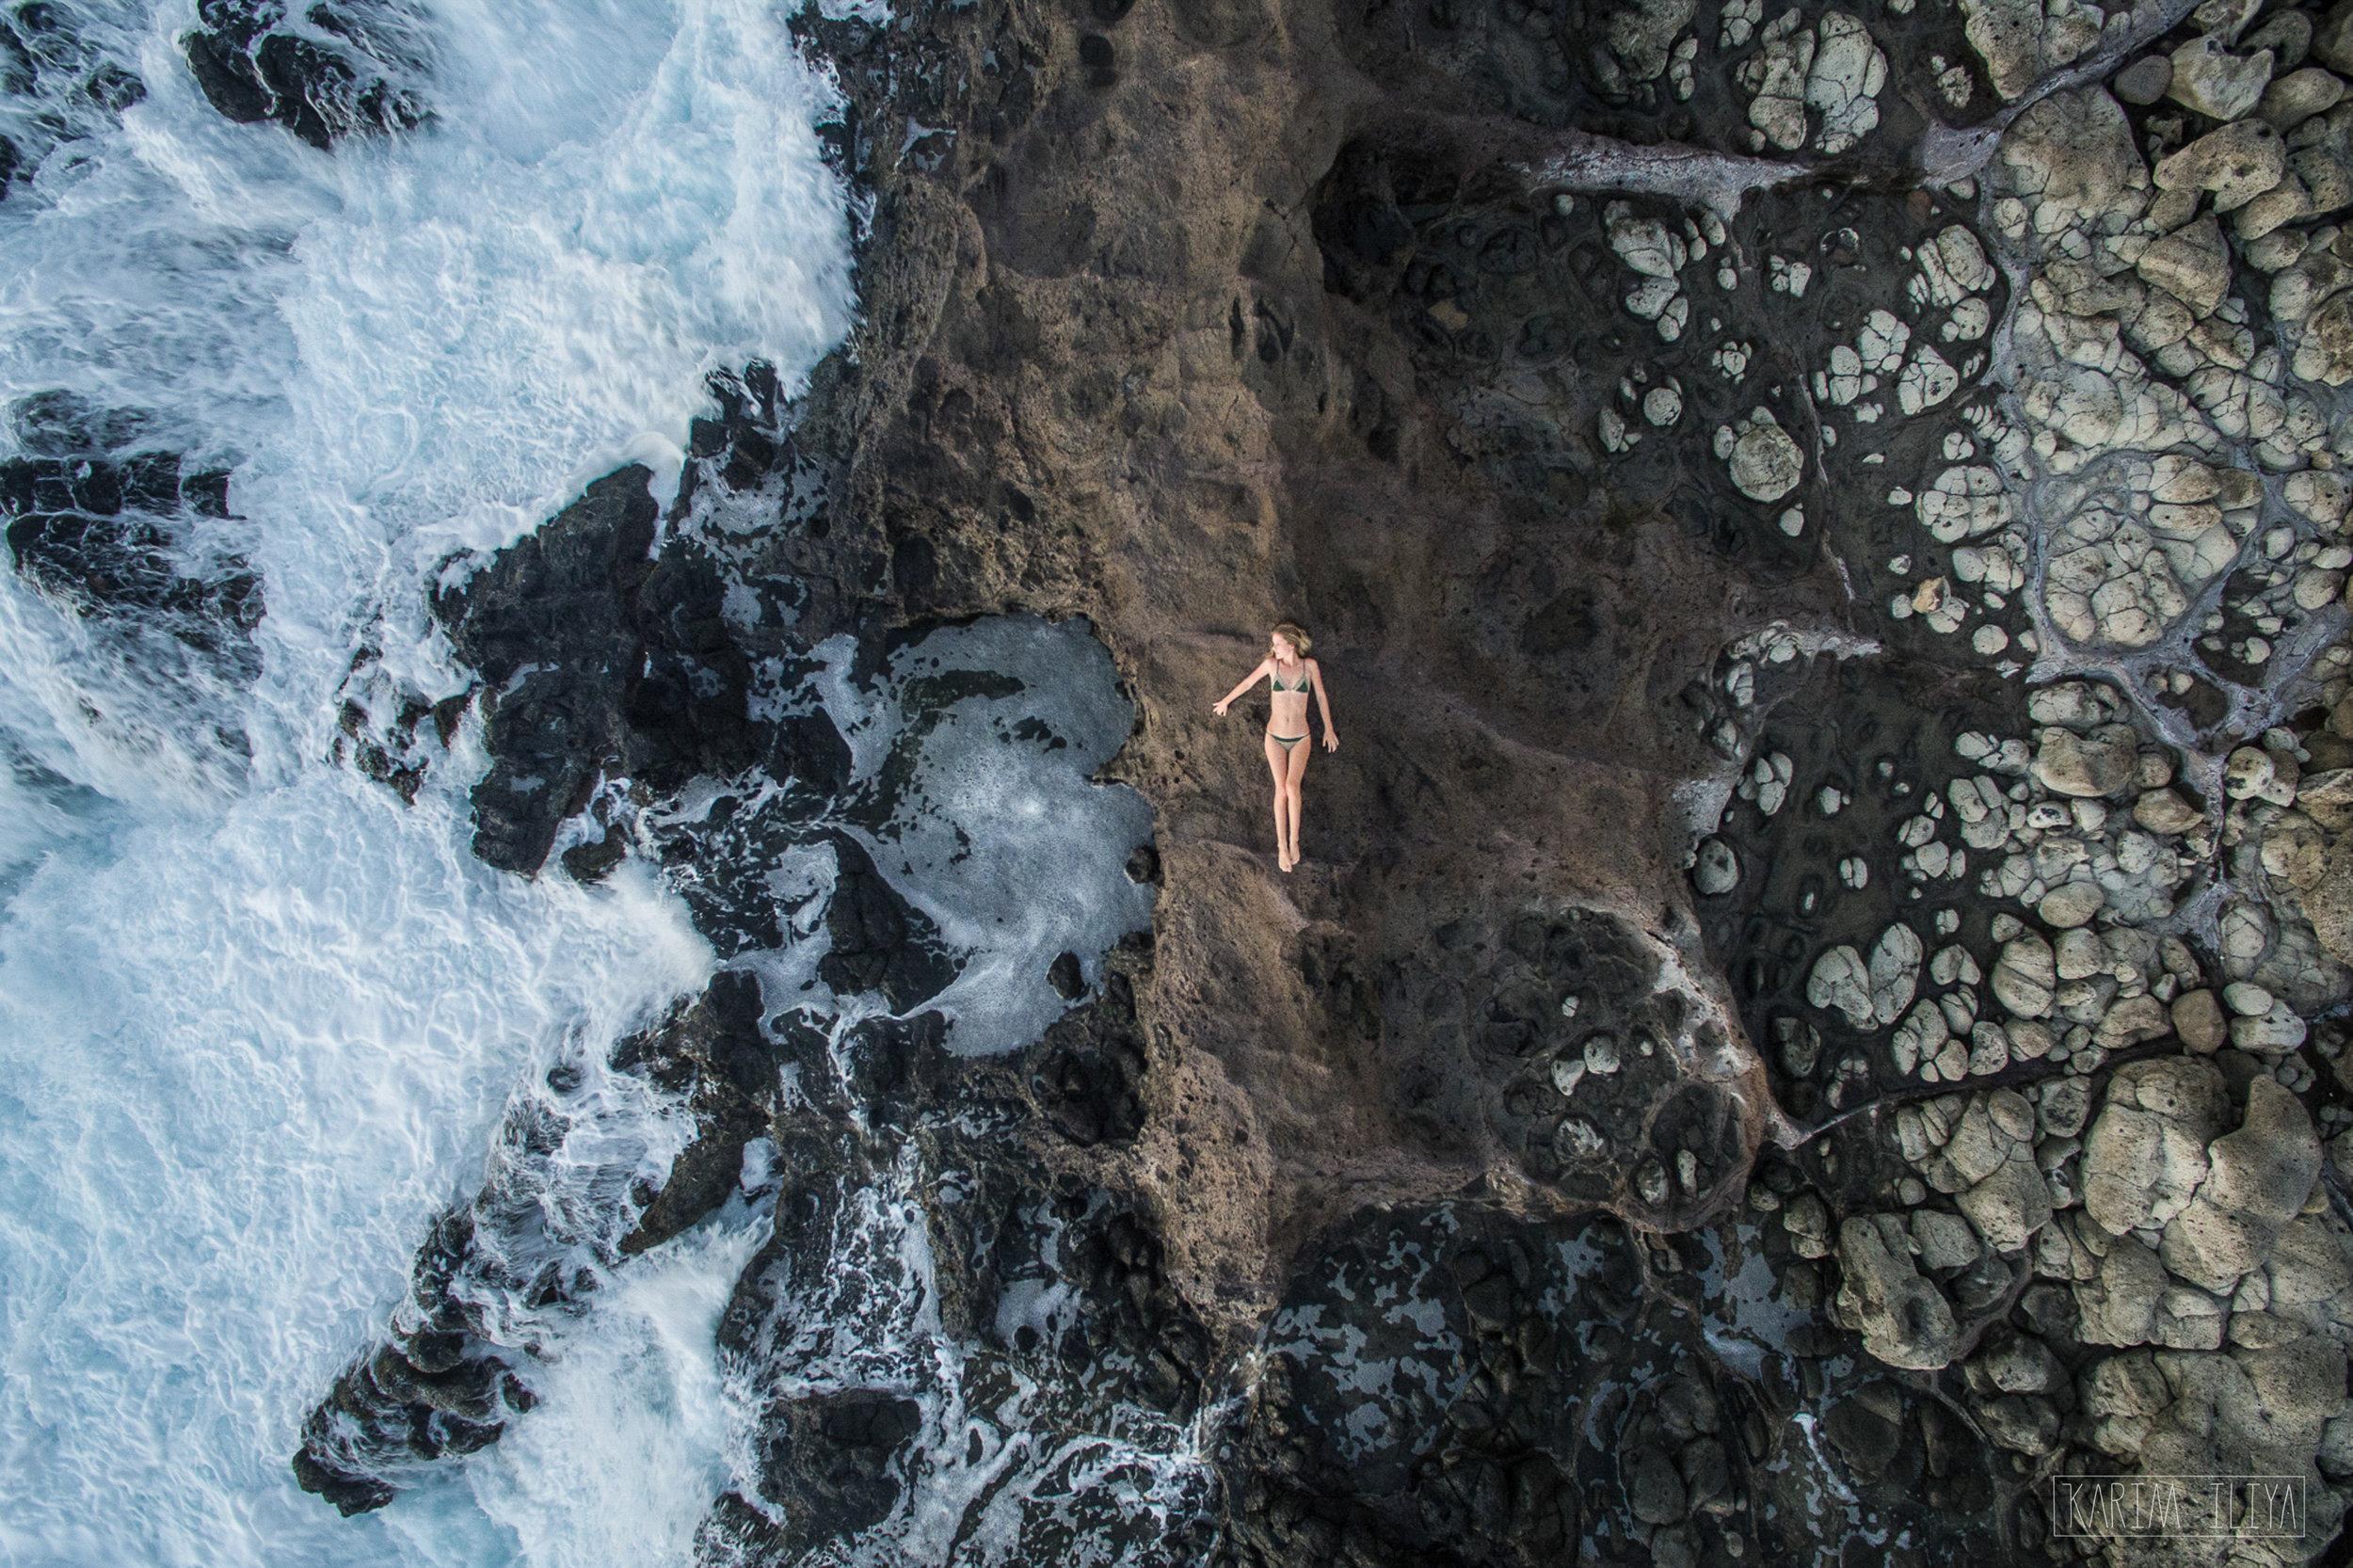 KARIM_ILIYA_PHOTOGRAPHY_HAWAII_SWIMWEAR_BIKINI_BEACH31.jpg